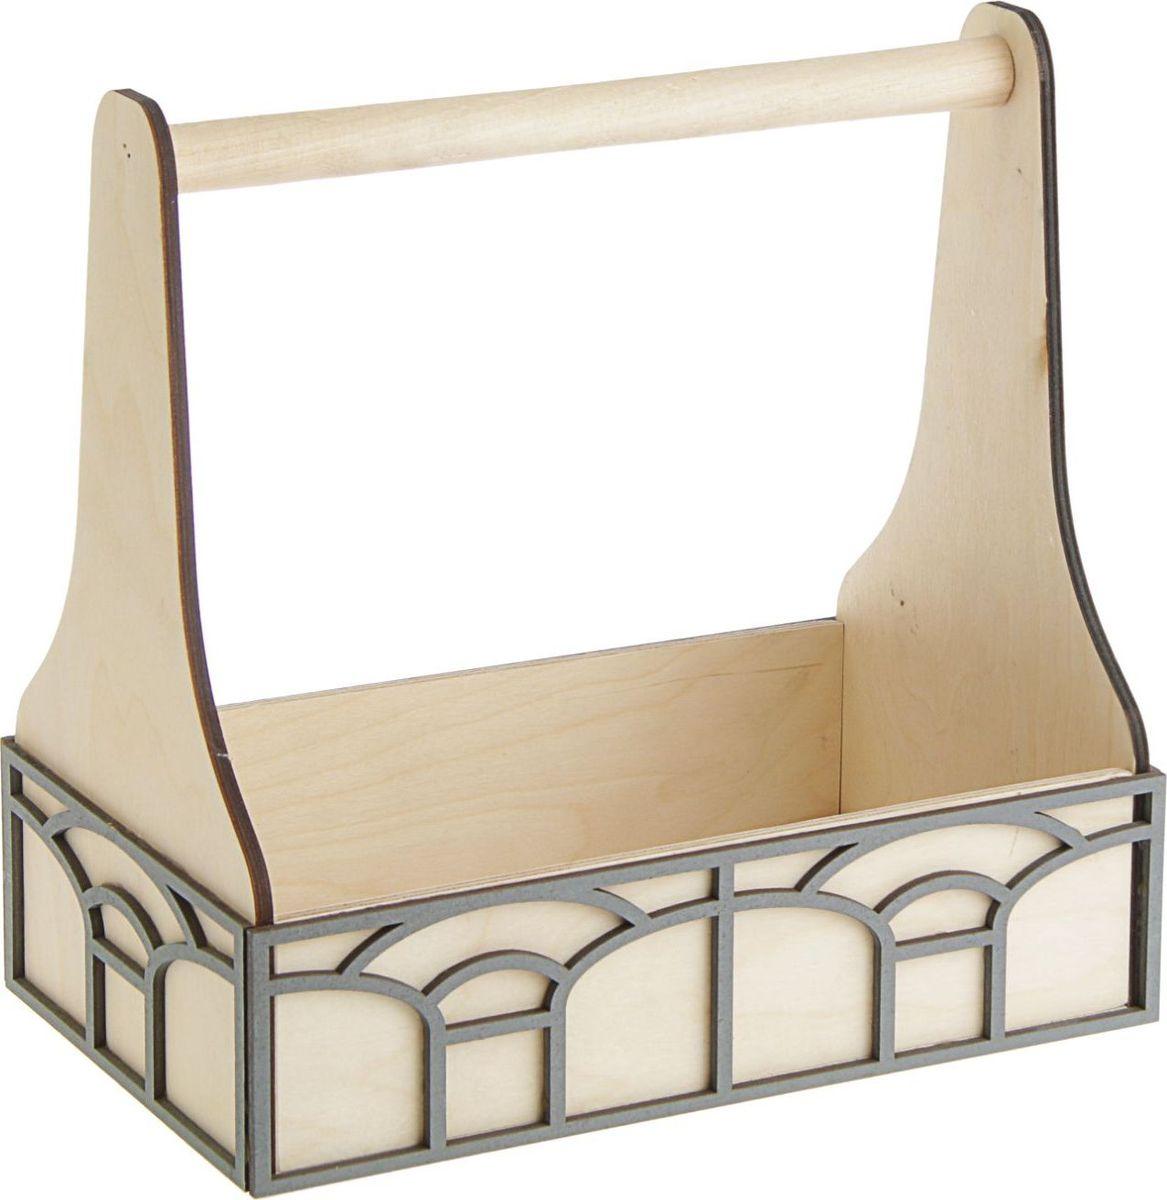 """Кашпо ТД ДМ """"Ящик. Светлые окна"""" - сувенир в полном смысле этого слова. И главная его задача - хранить воспоминание о месте, где вы побывали, или о том человеке, который подарил данный предмет. Преподнесите эту вещь своему другу, и она станет достойным украшением его дома."""